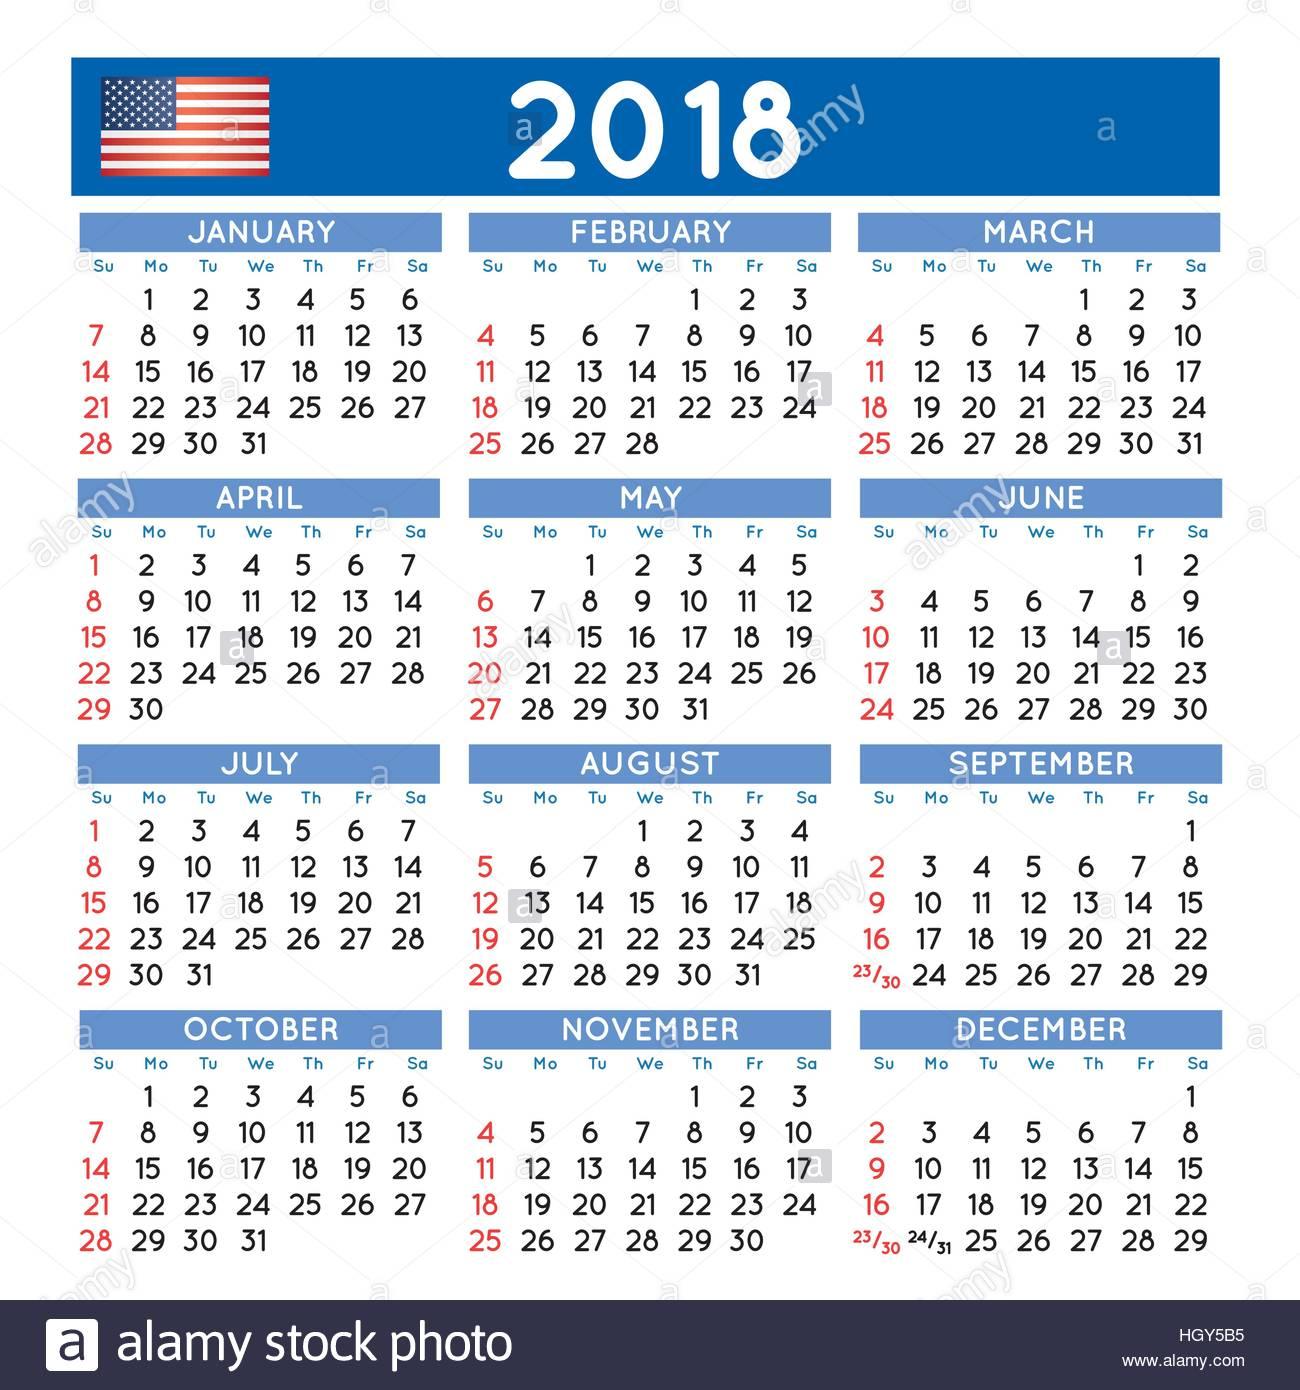 2018 calendr